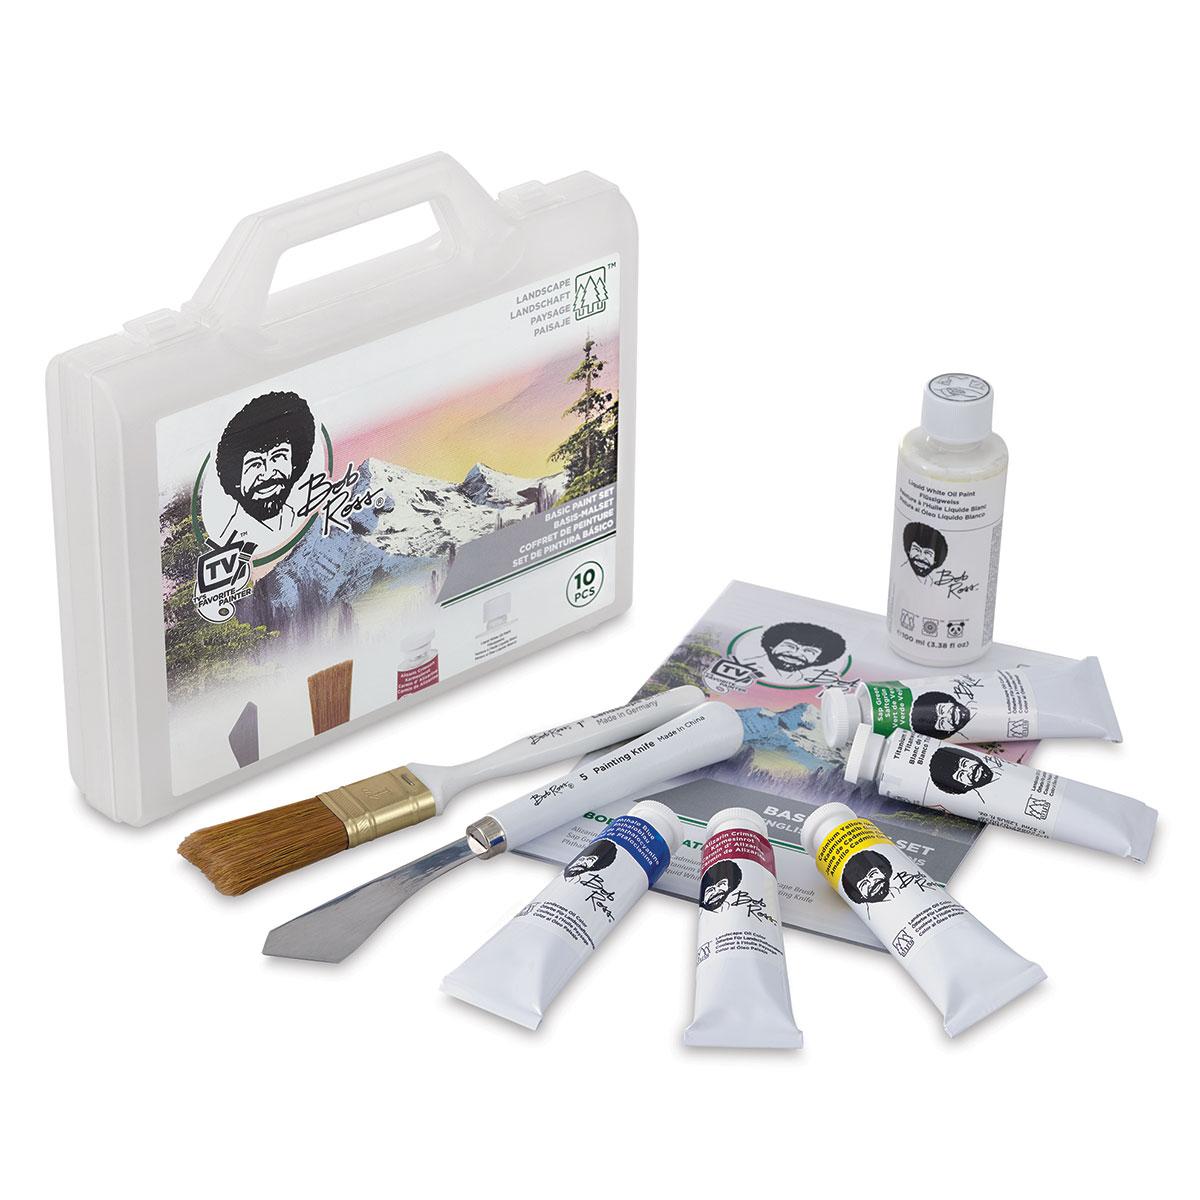 The Little Shop Peinture bob ross basic paint set